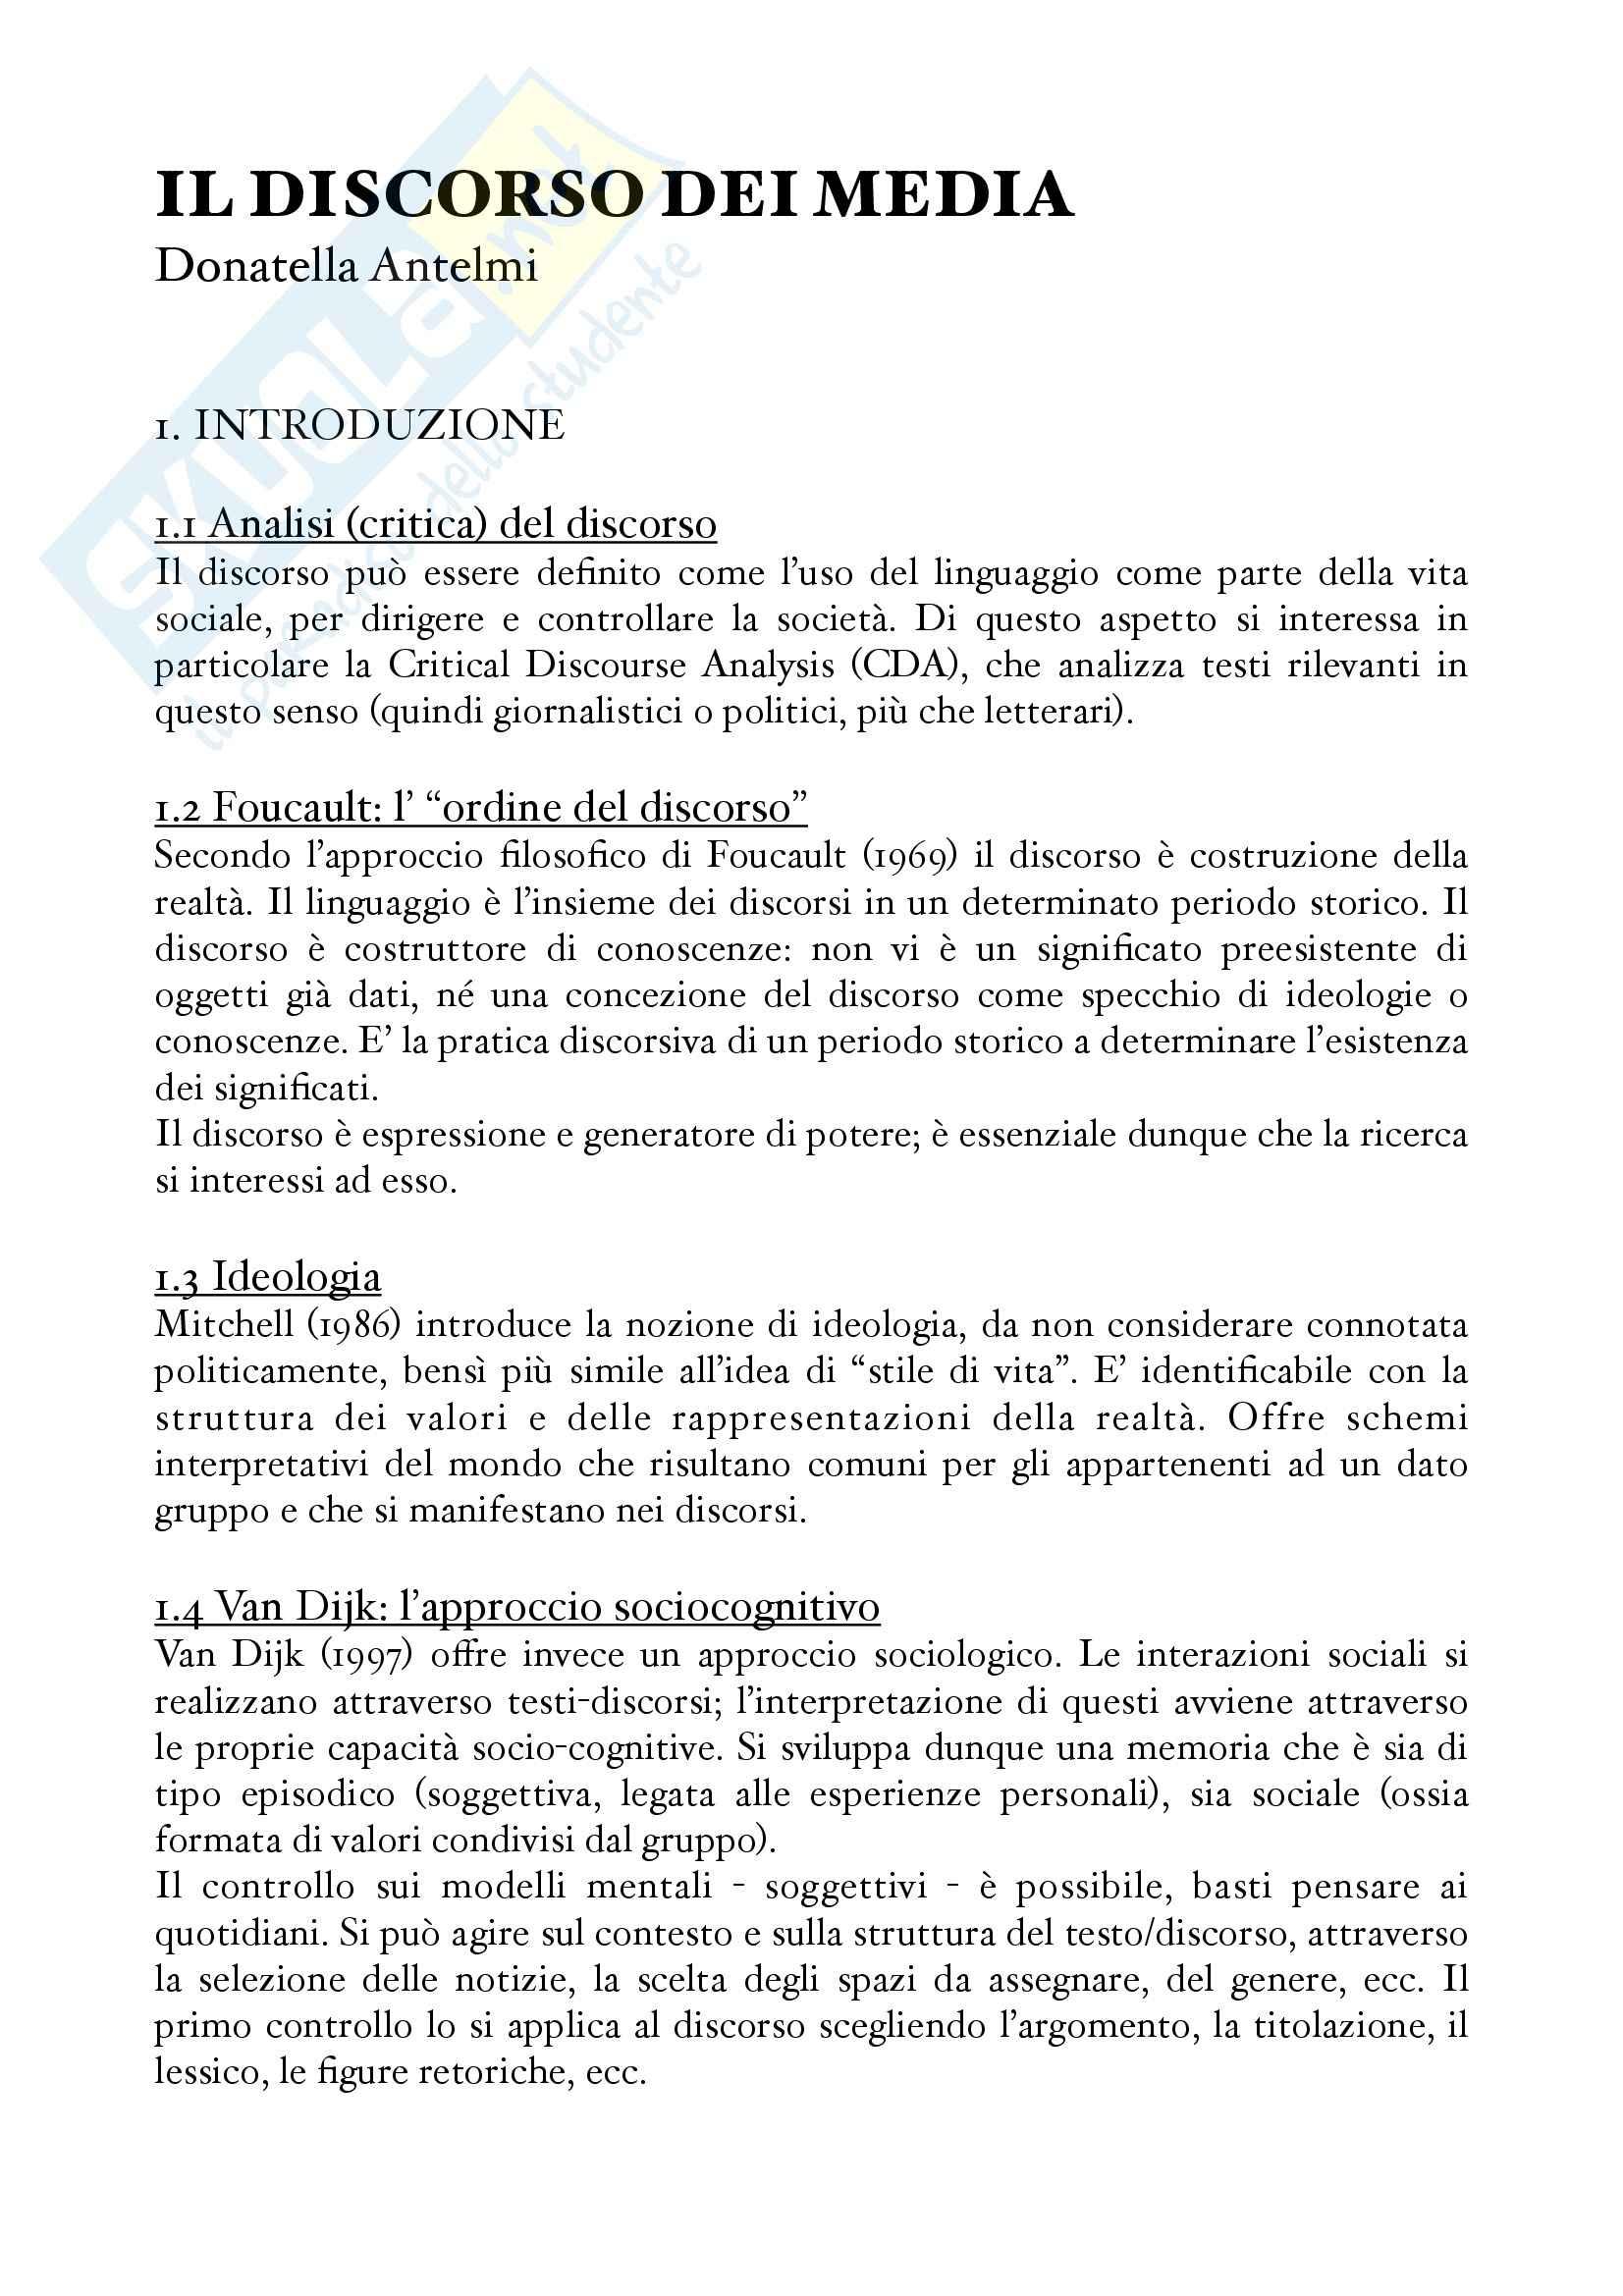 Discorso dei media, Il - Antelmi, Donatella